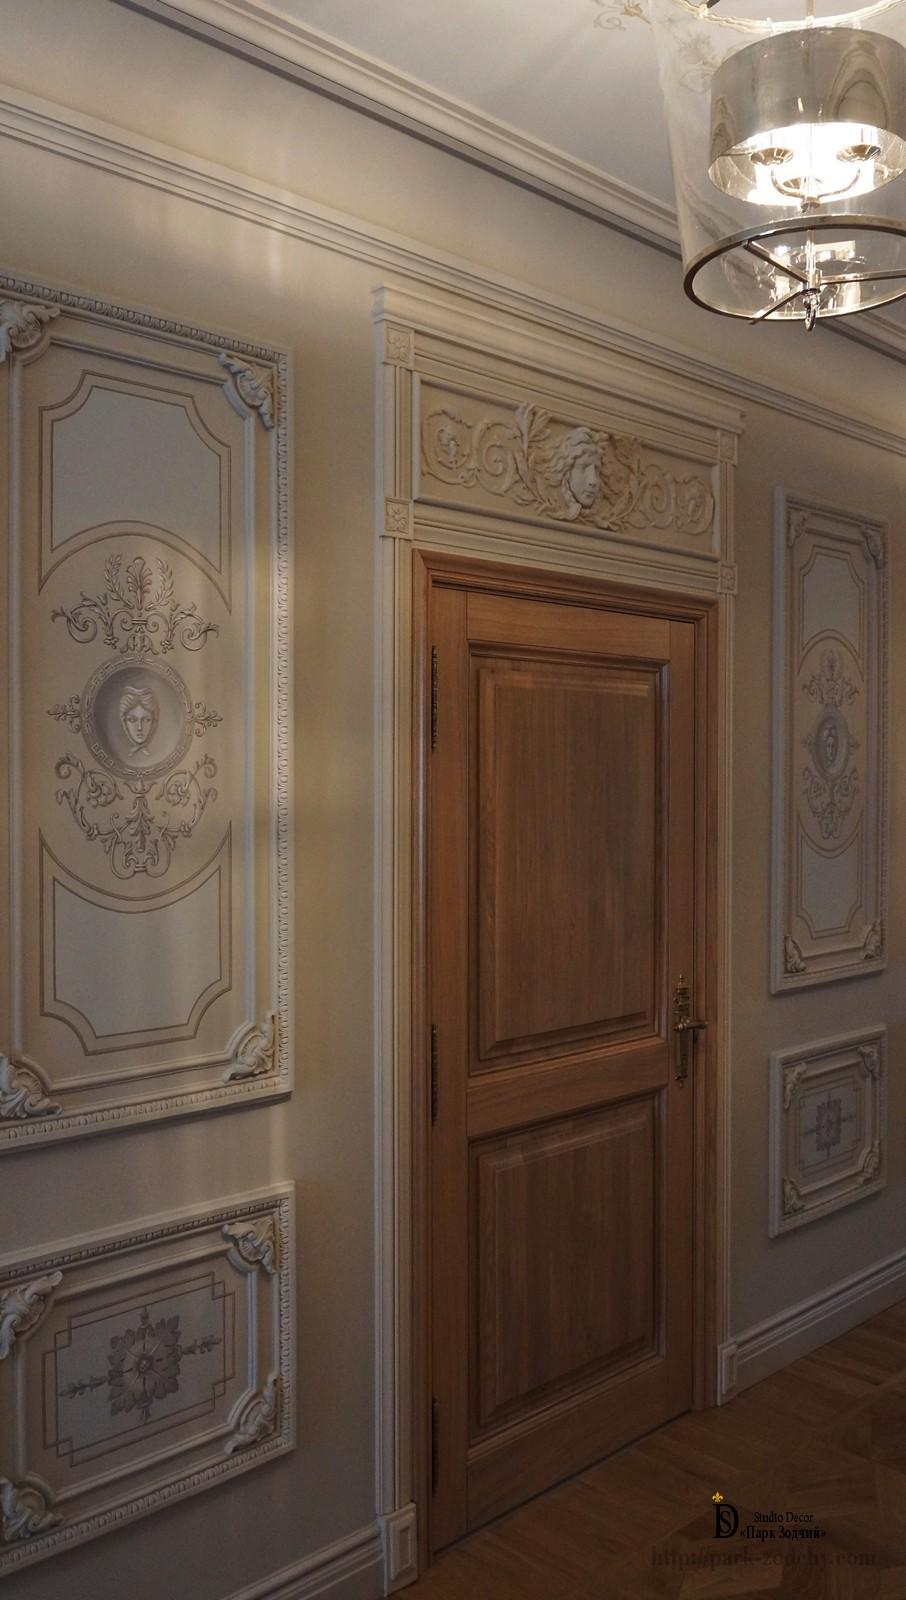 Орнаменты и узоры из лепнины